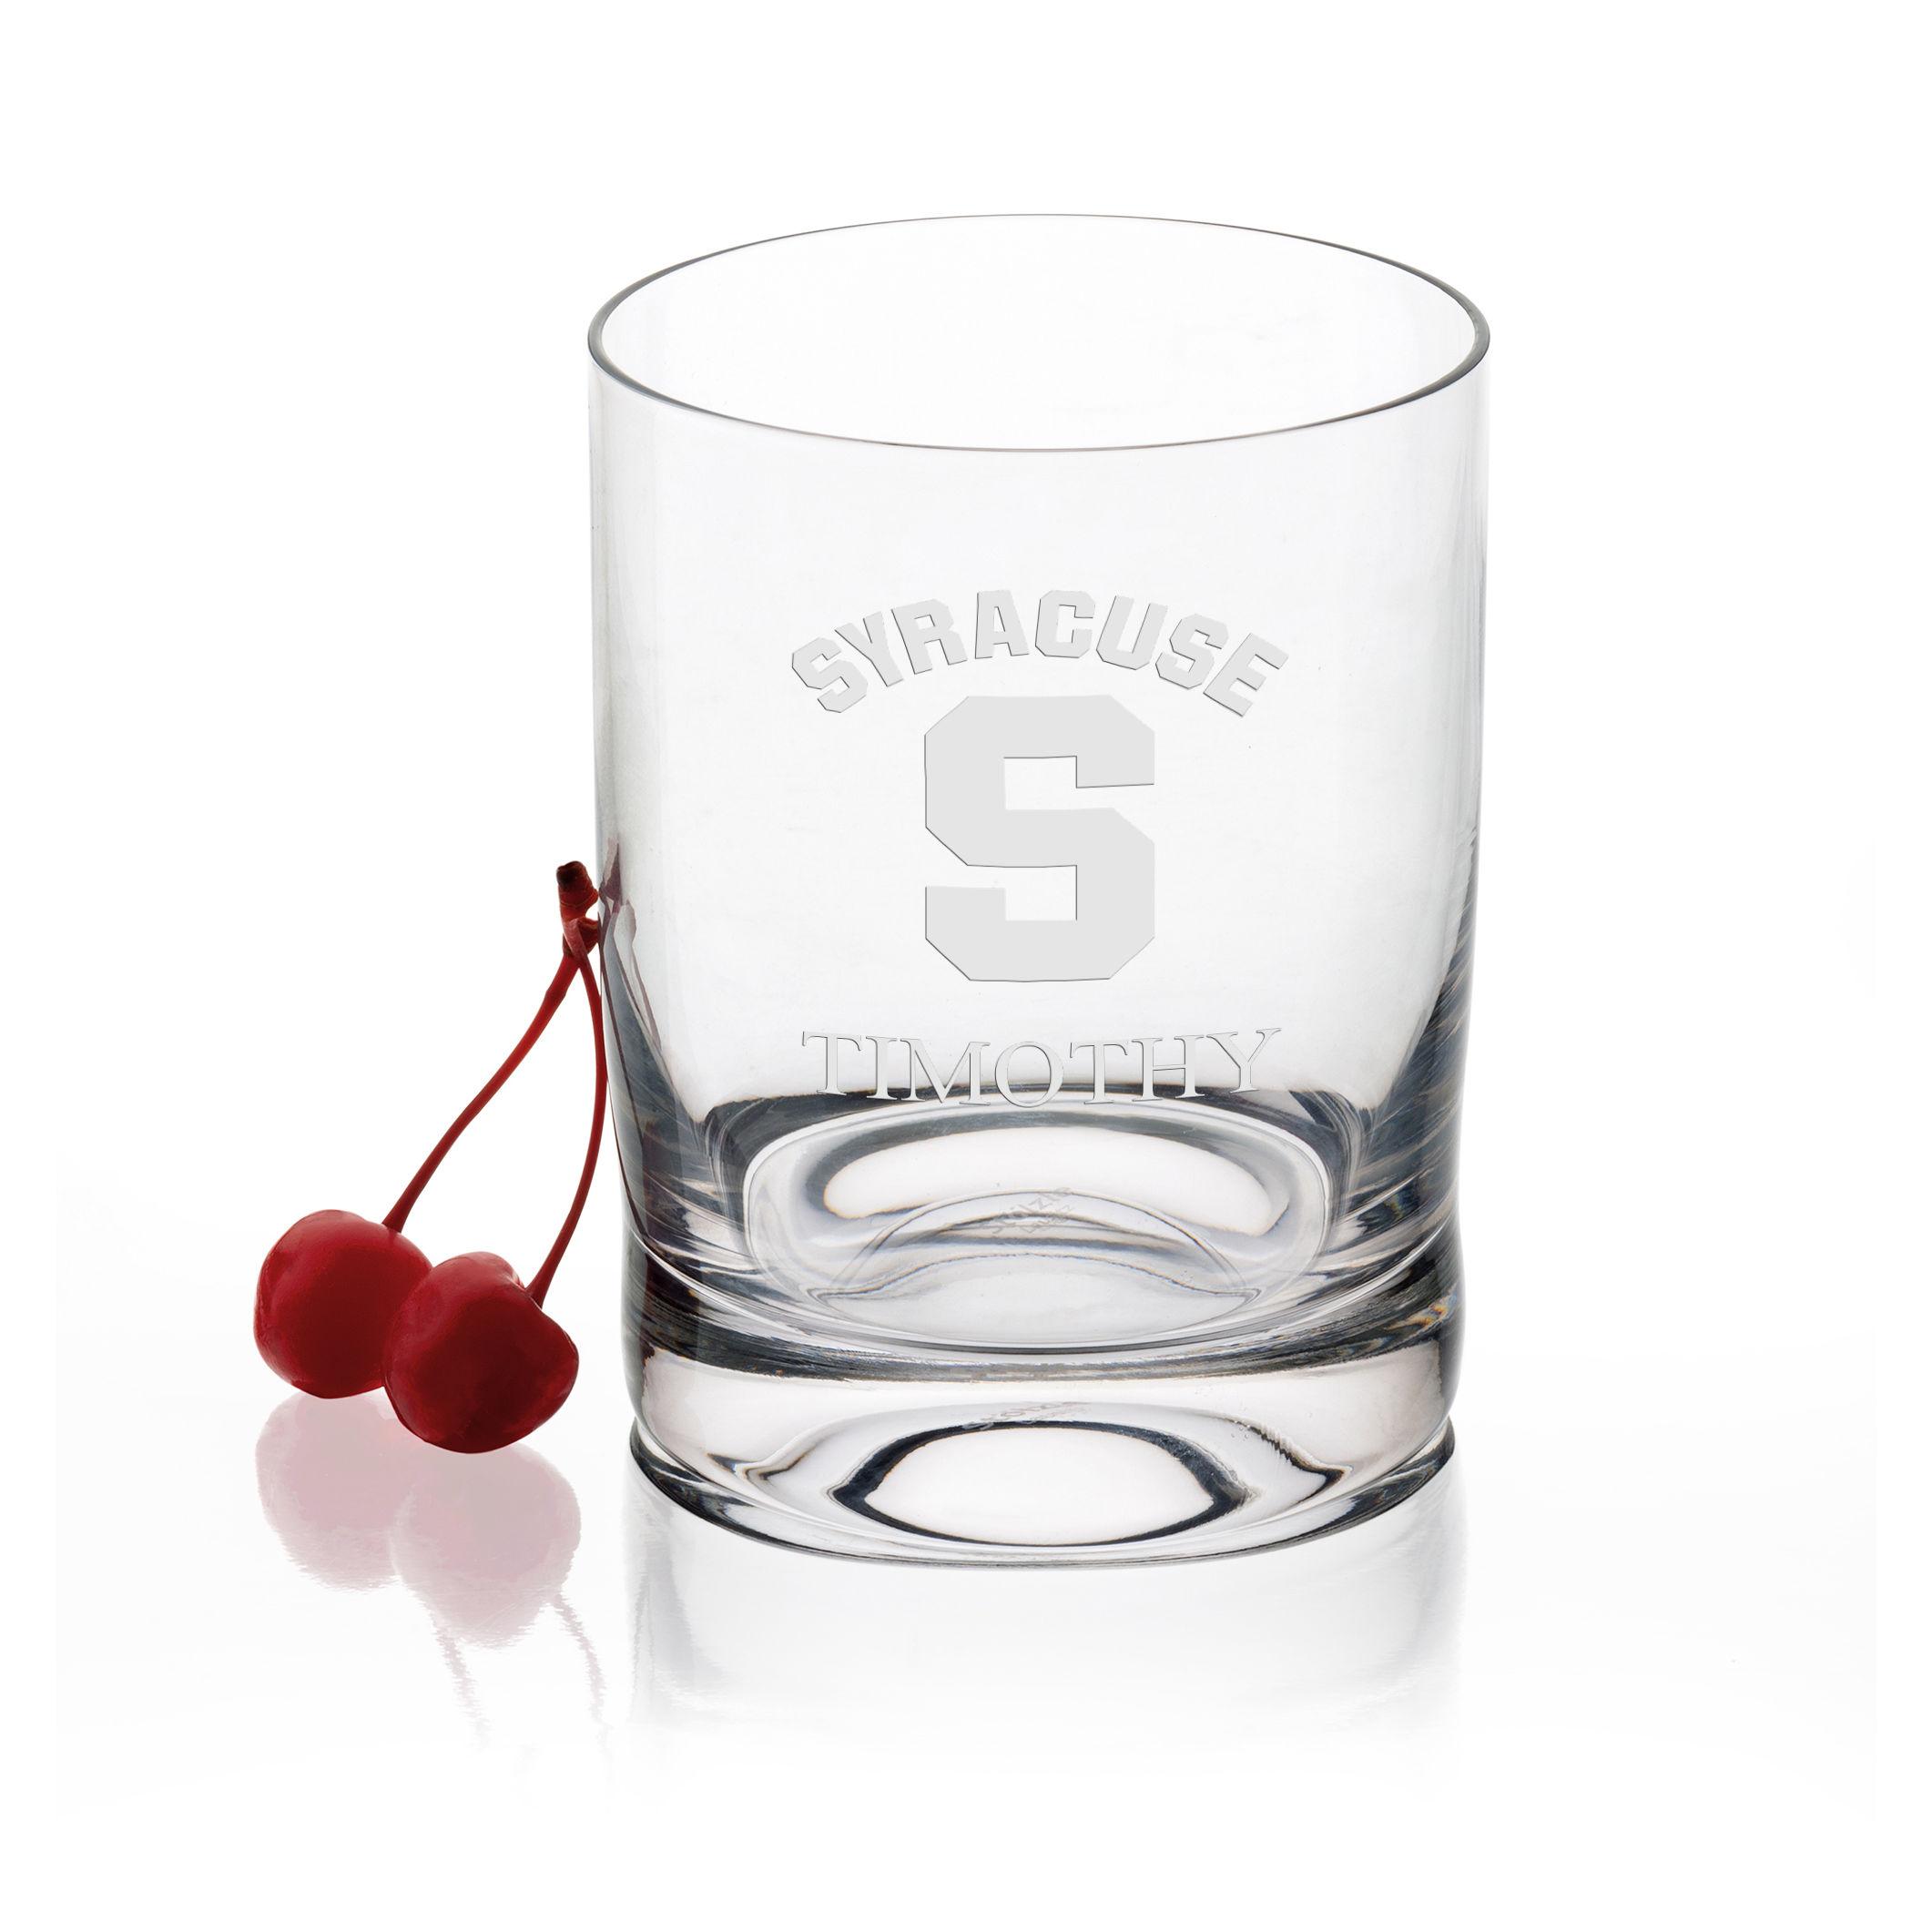 Syracuse University Tumbler Glasses - Set of 4